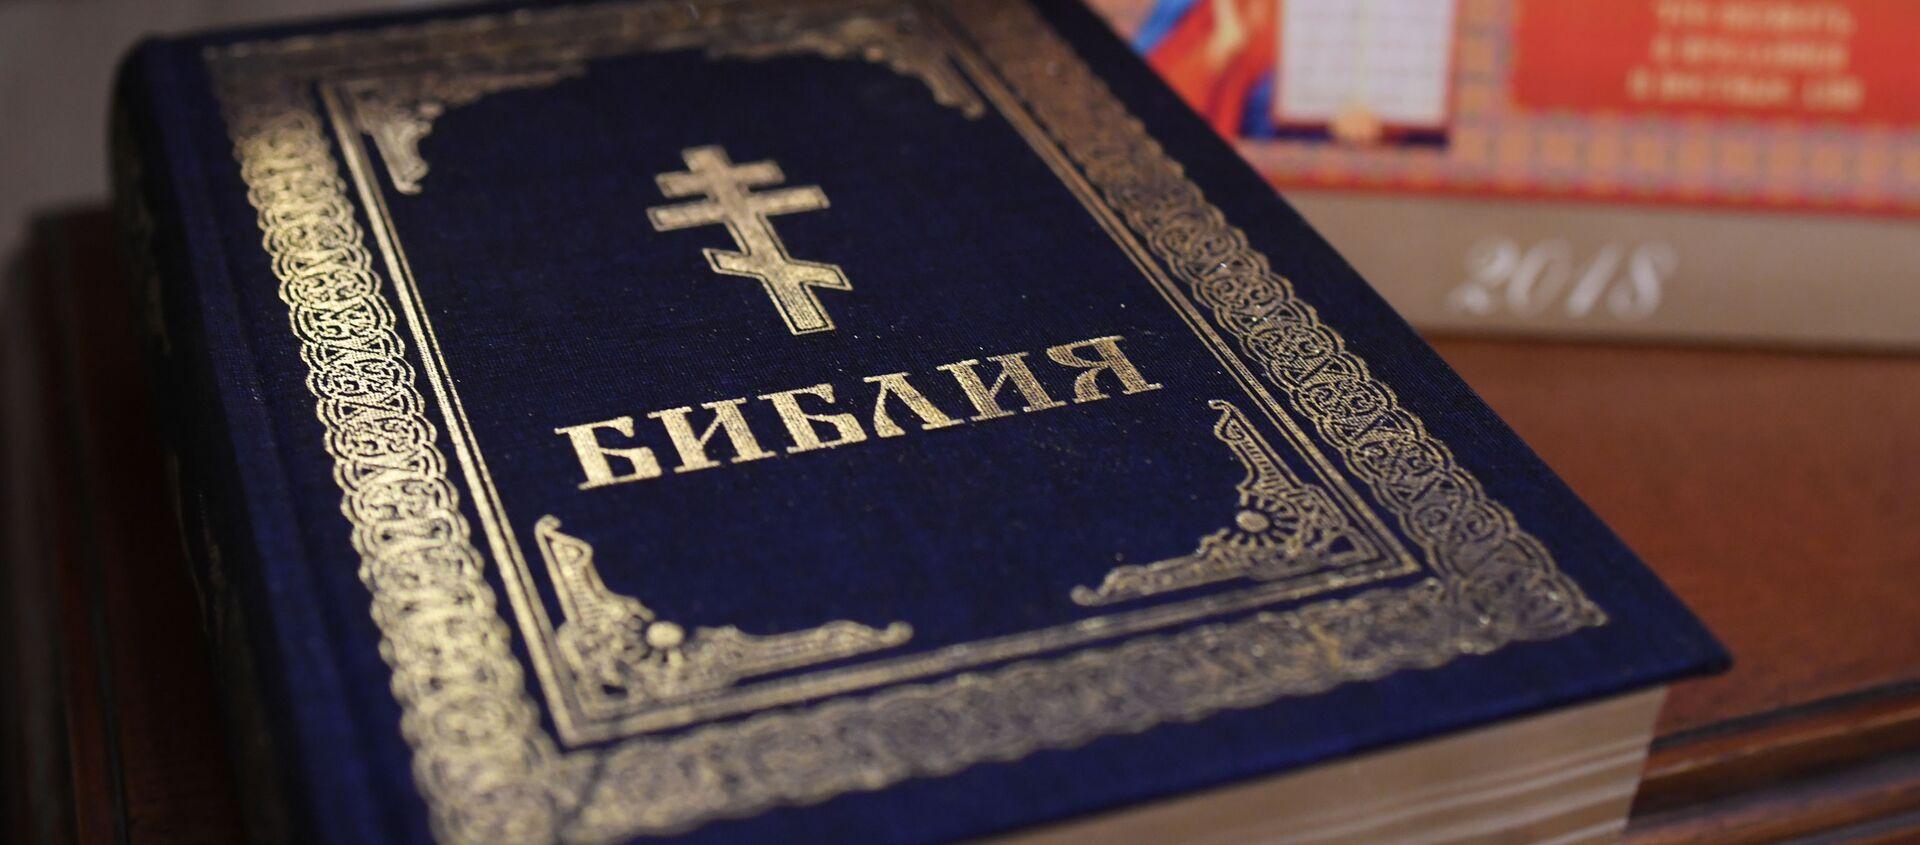 Библия. Архивное фото - Sputnik Южная Осетия, 1920, 29.05.2021